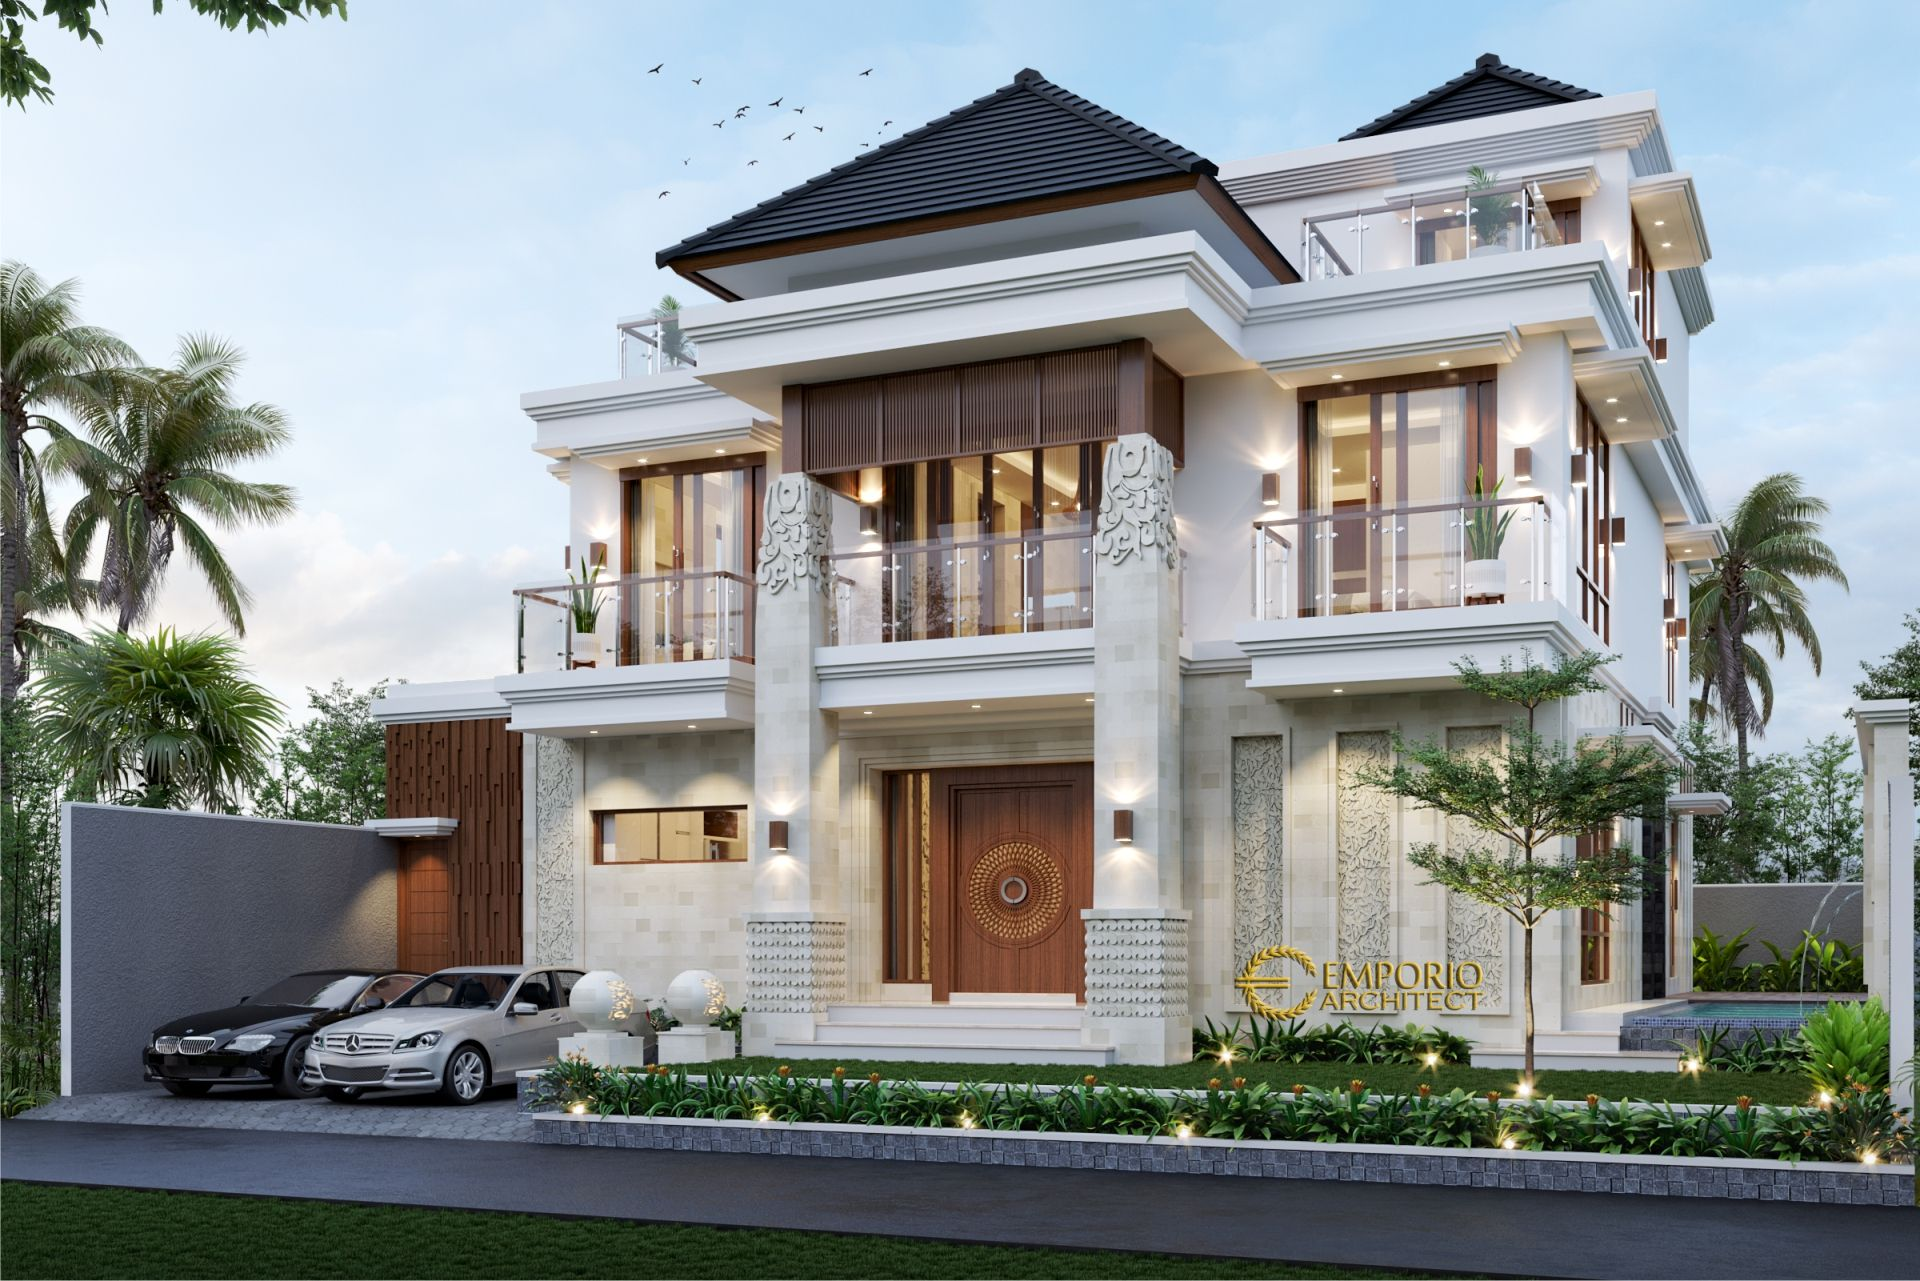 Desain Rumah Villa Bali 2 Lantai Mr Vaibhav dan Mr Nilesh